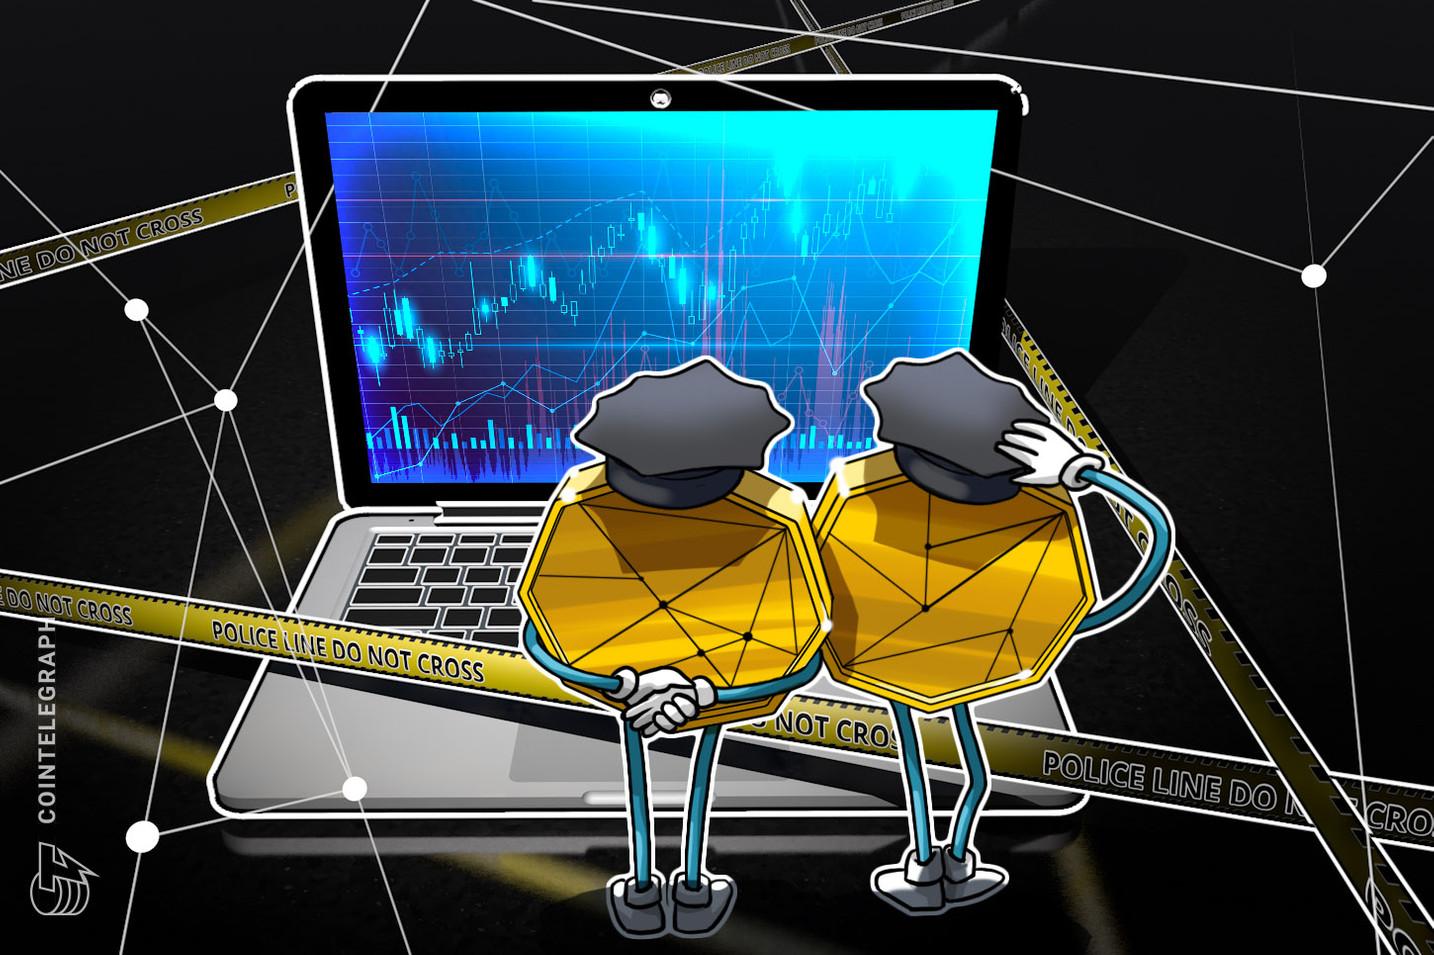 Relatório: indiciamento revela conexão da Bitfinex e da QuadrigaCX com dados bancários manipulados